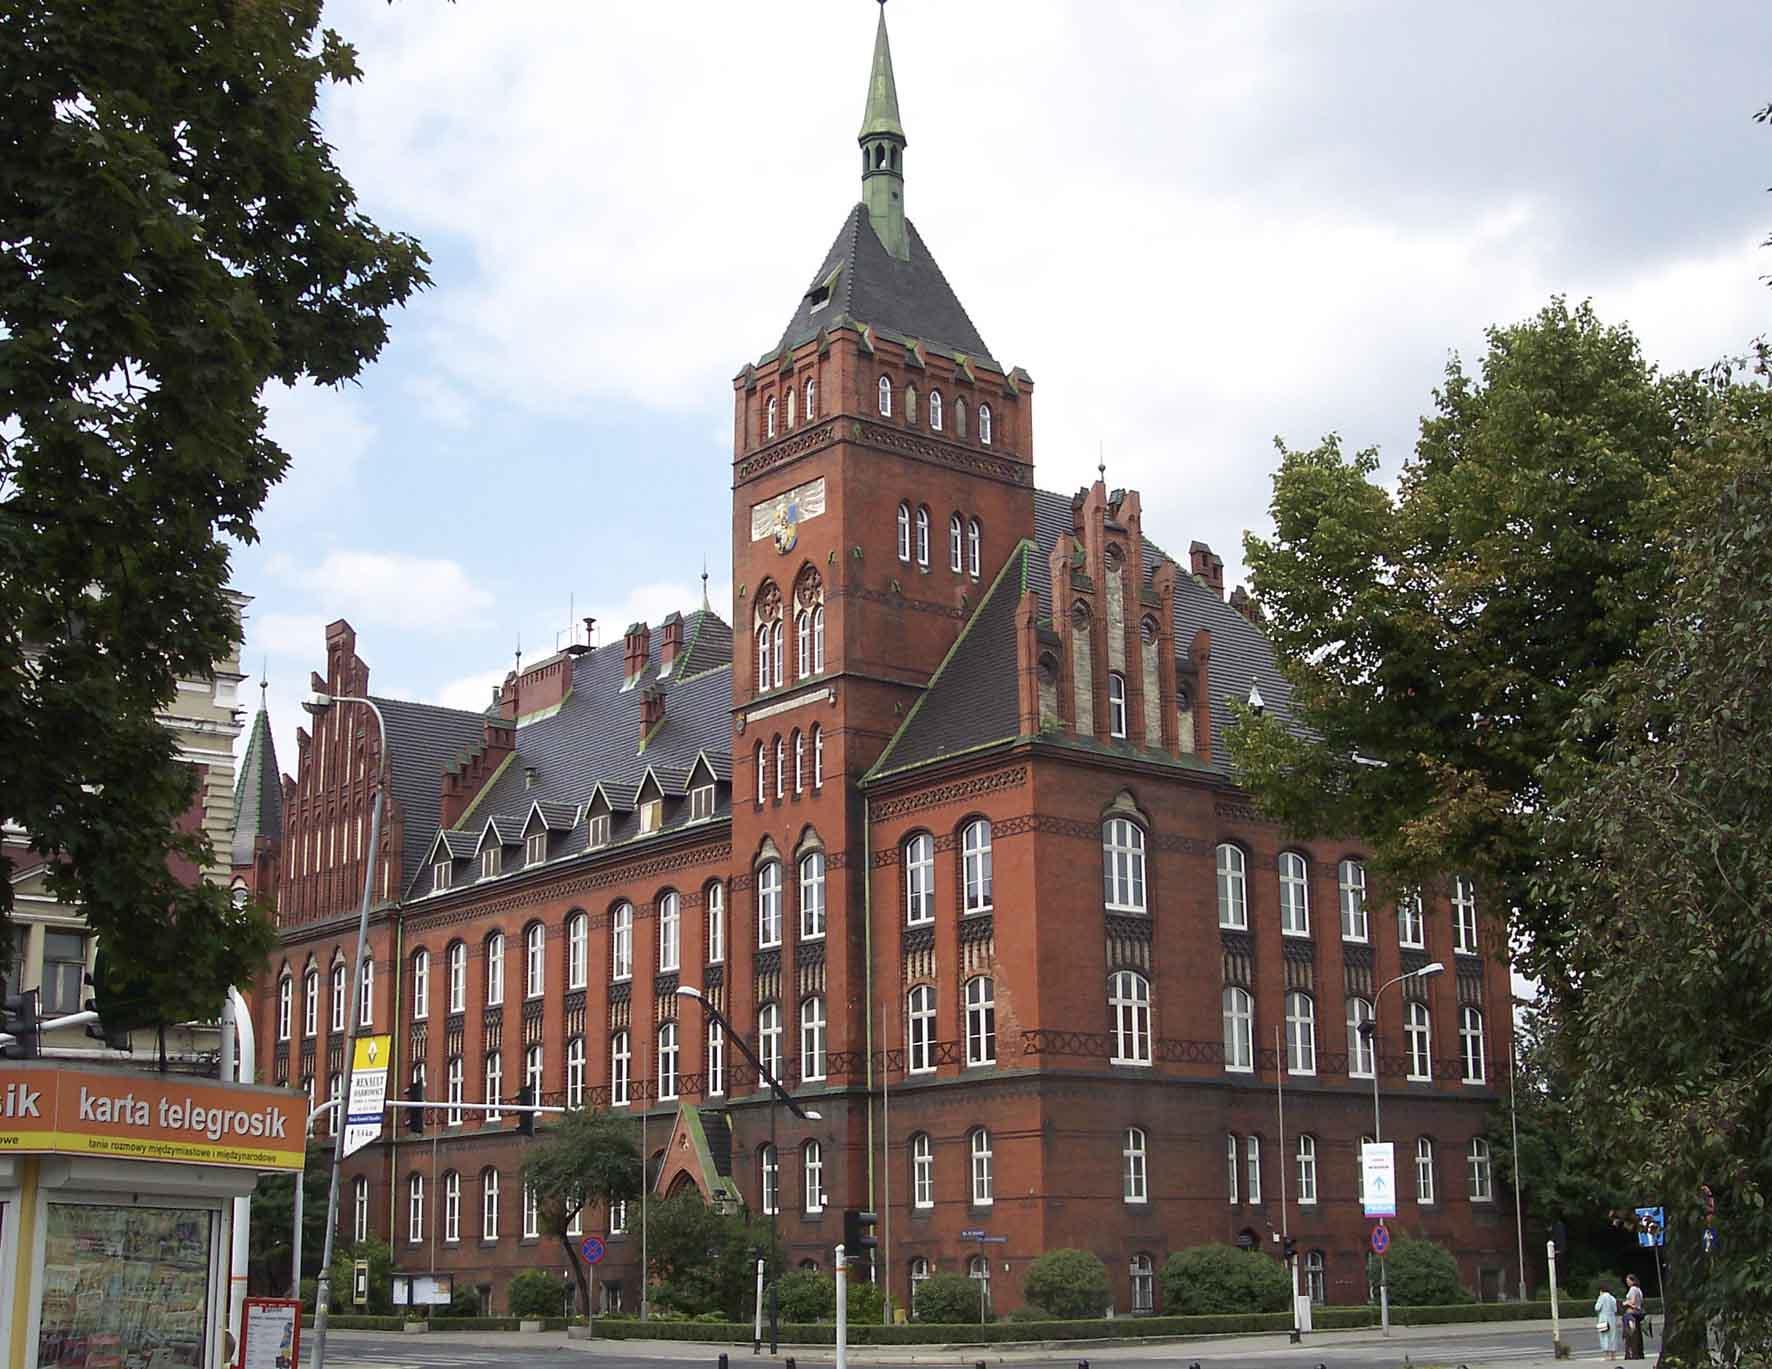 Stipendije za mobilnost nastavnika na Silesian tehnološkom univerzitetu u Poljskoj